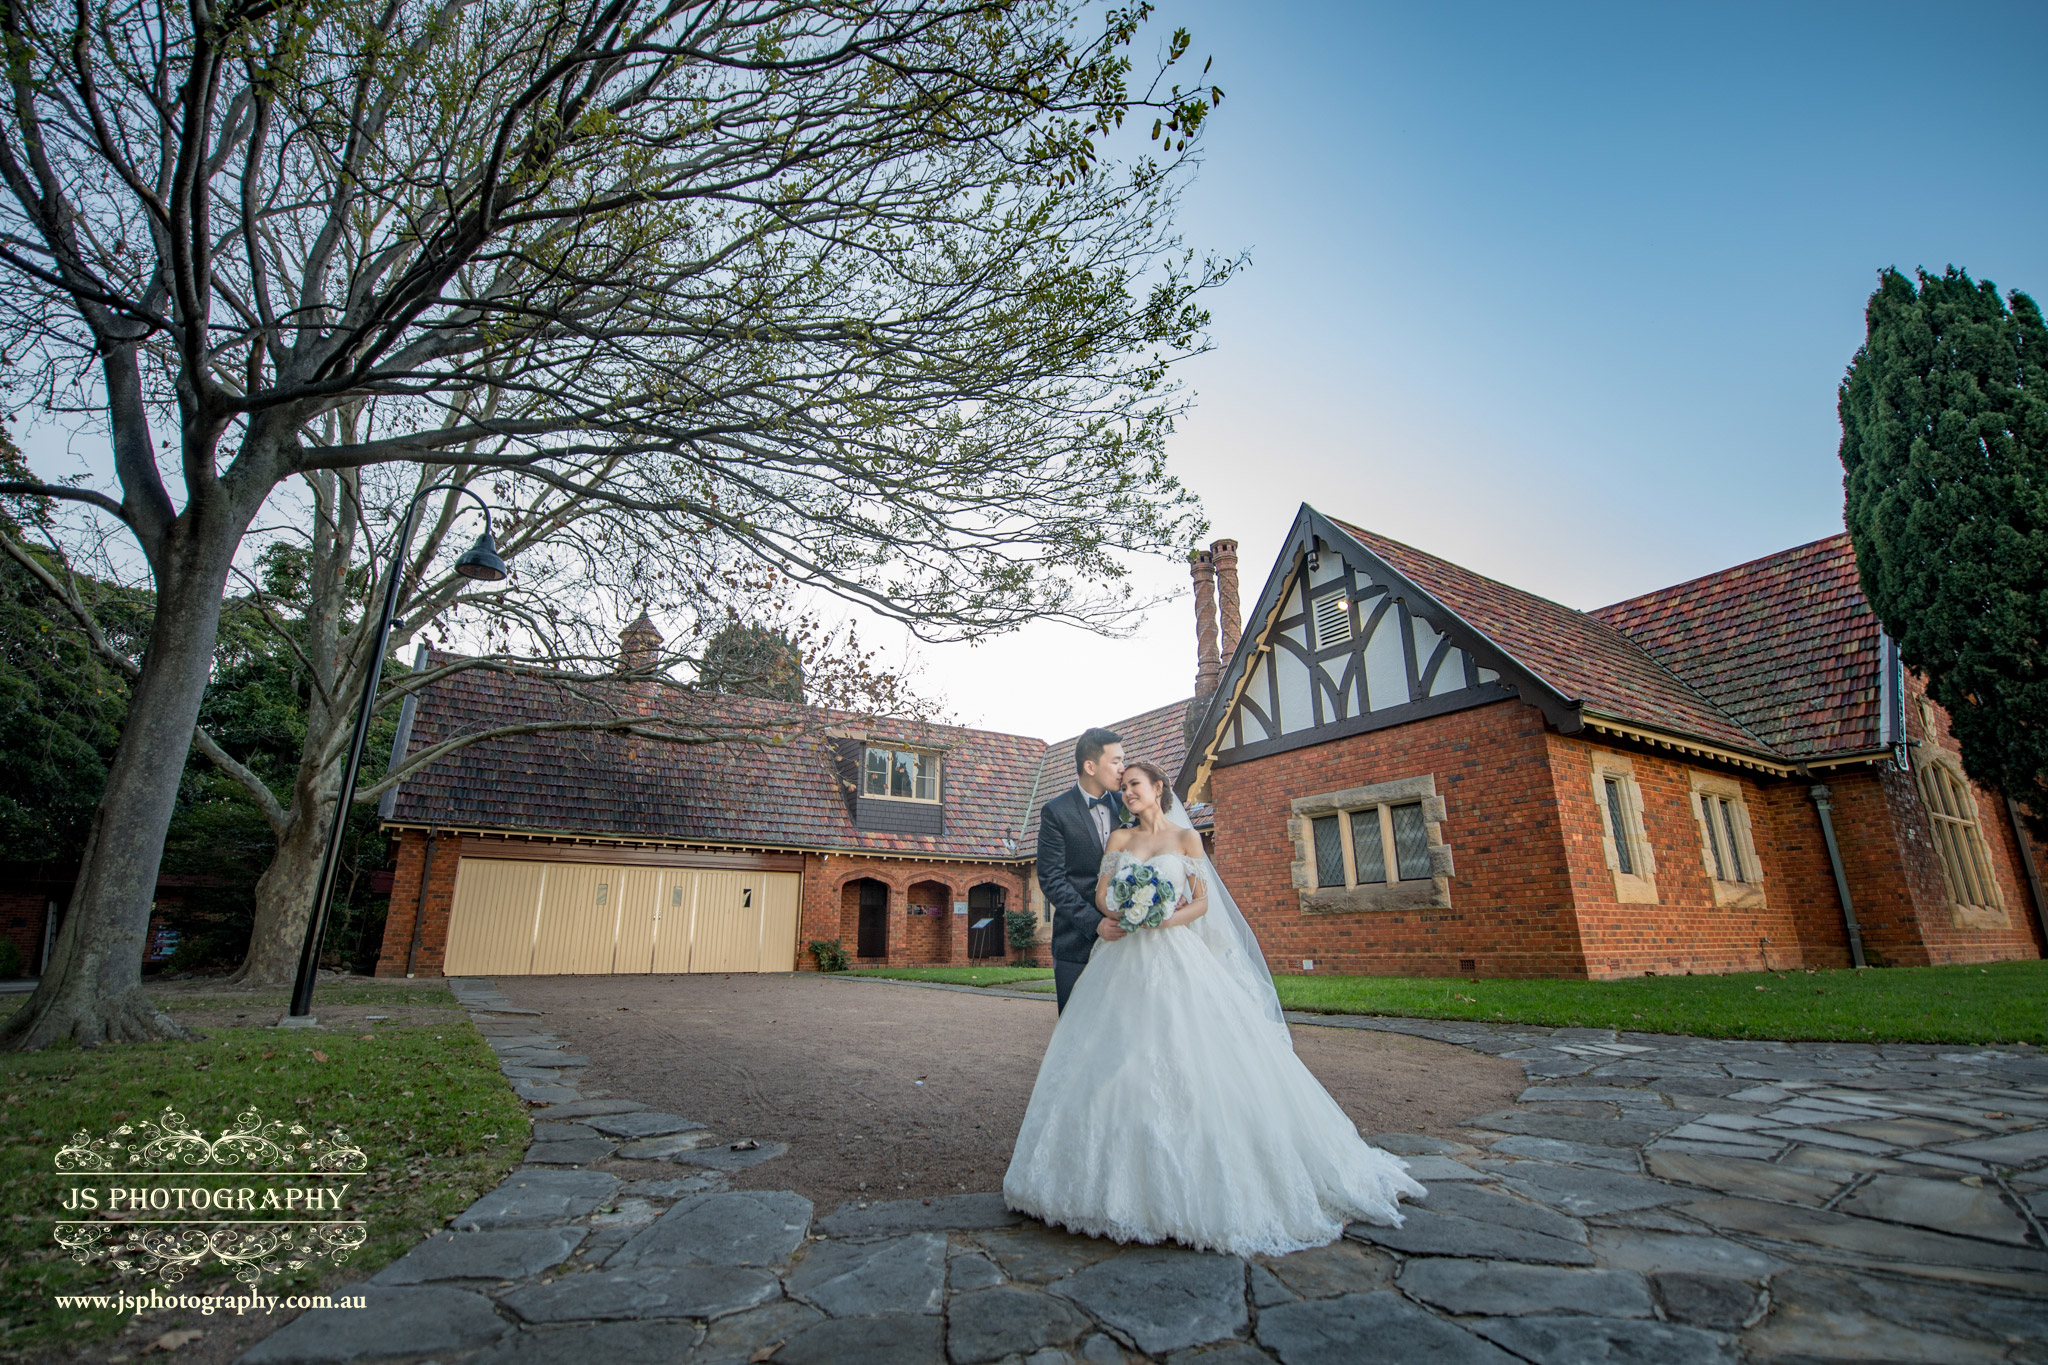 Khristine&Daniel Wedding Highlight